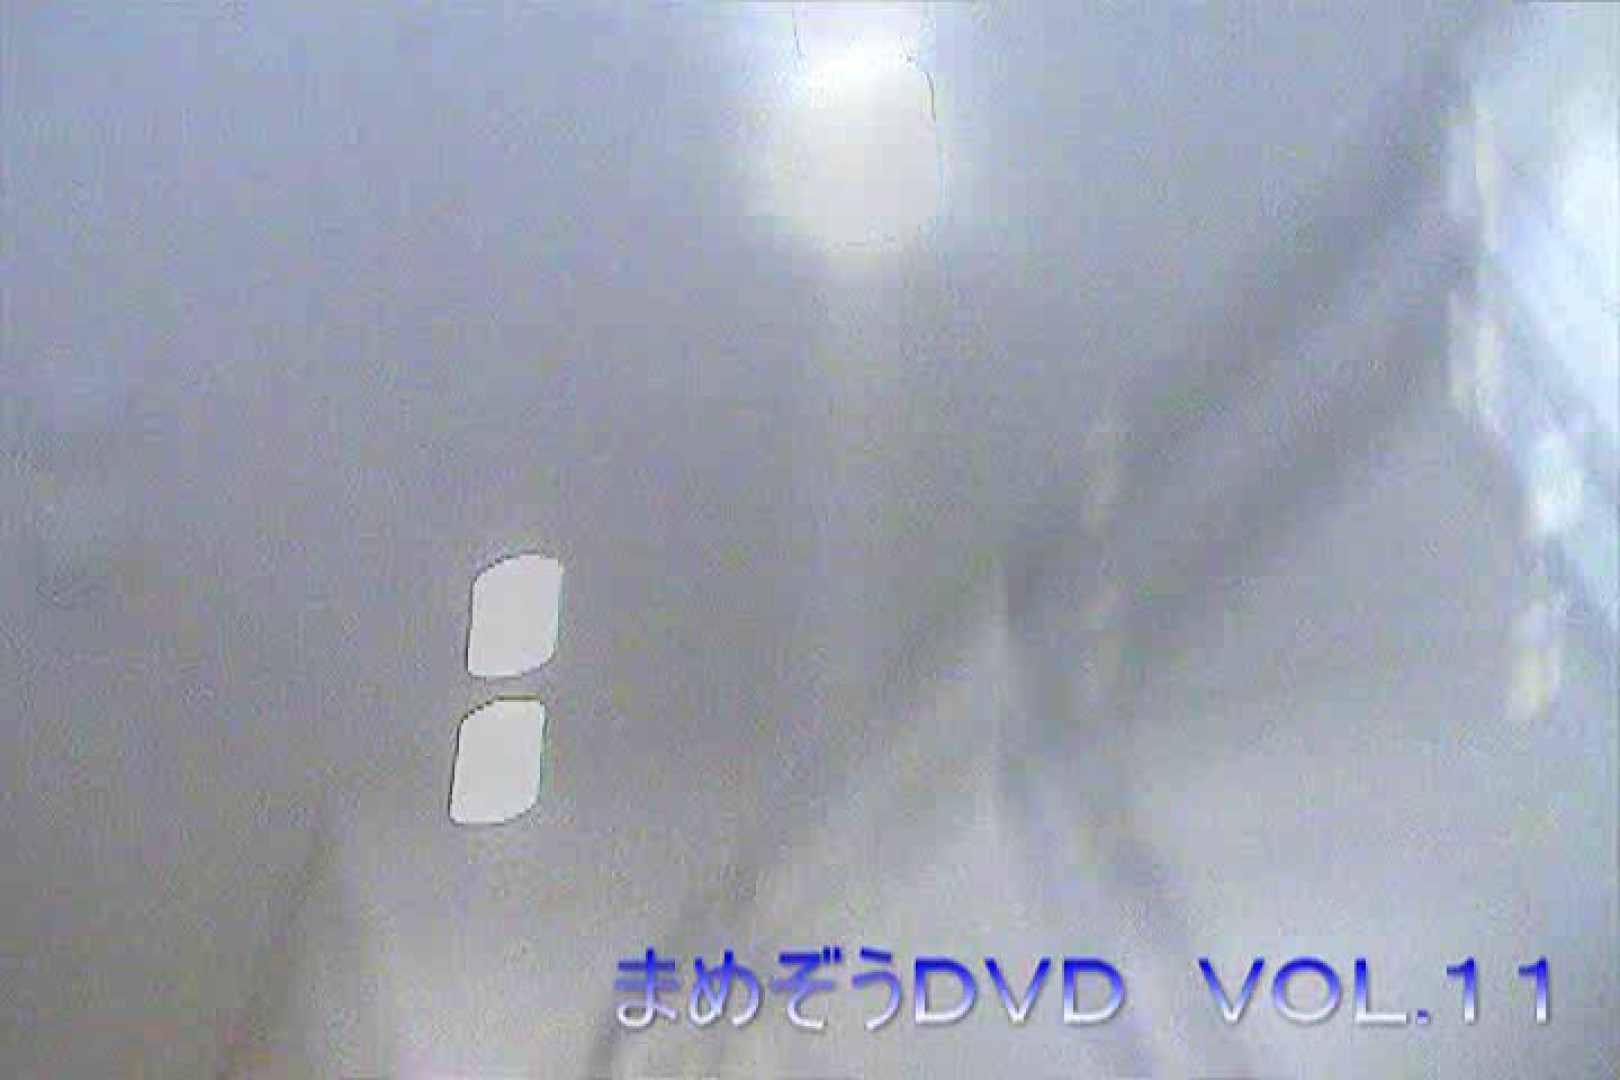 まめぞうDVD完全版VOL.11 ギャル  74PIX 11